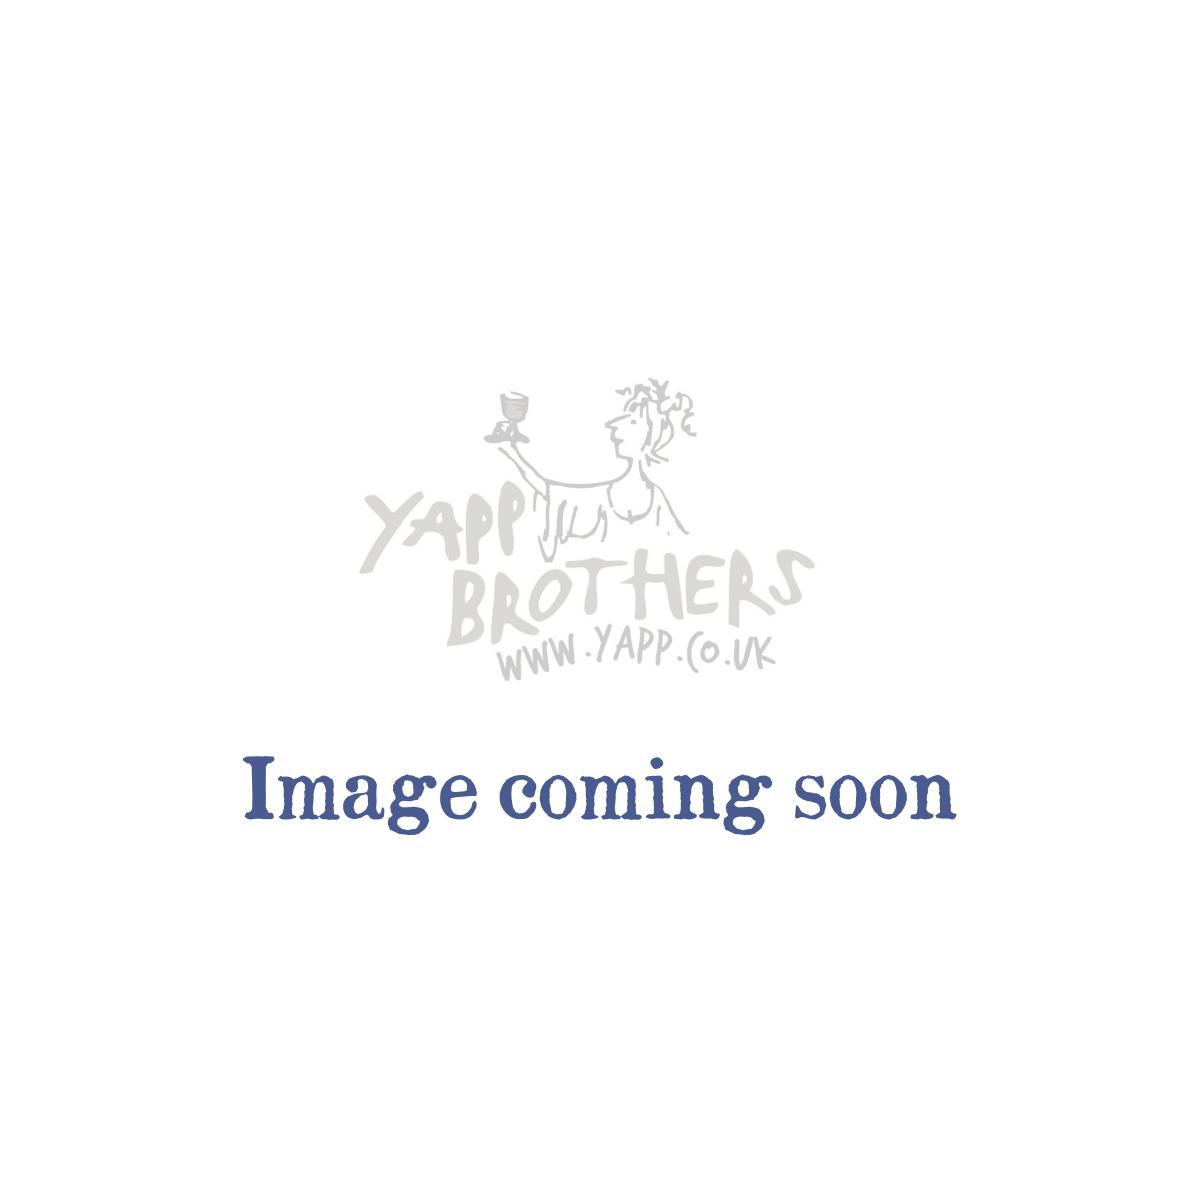 Marsannay: Frédéric Magnien 'Coeur d'Argile' 2019 - Bottle Rear Label